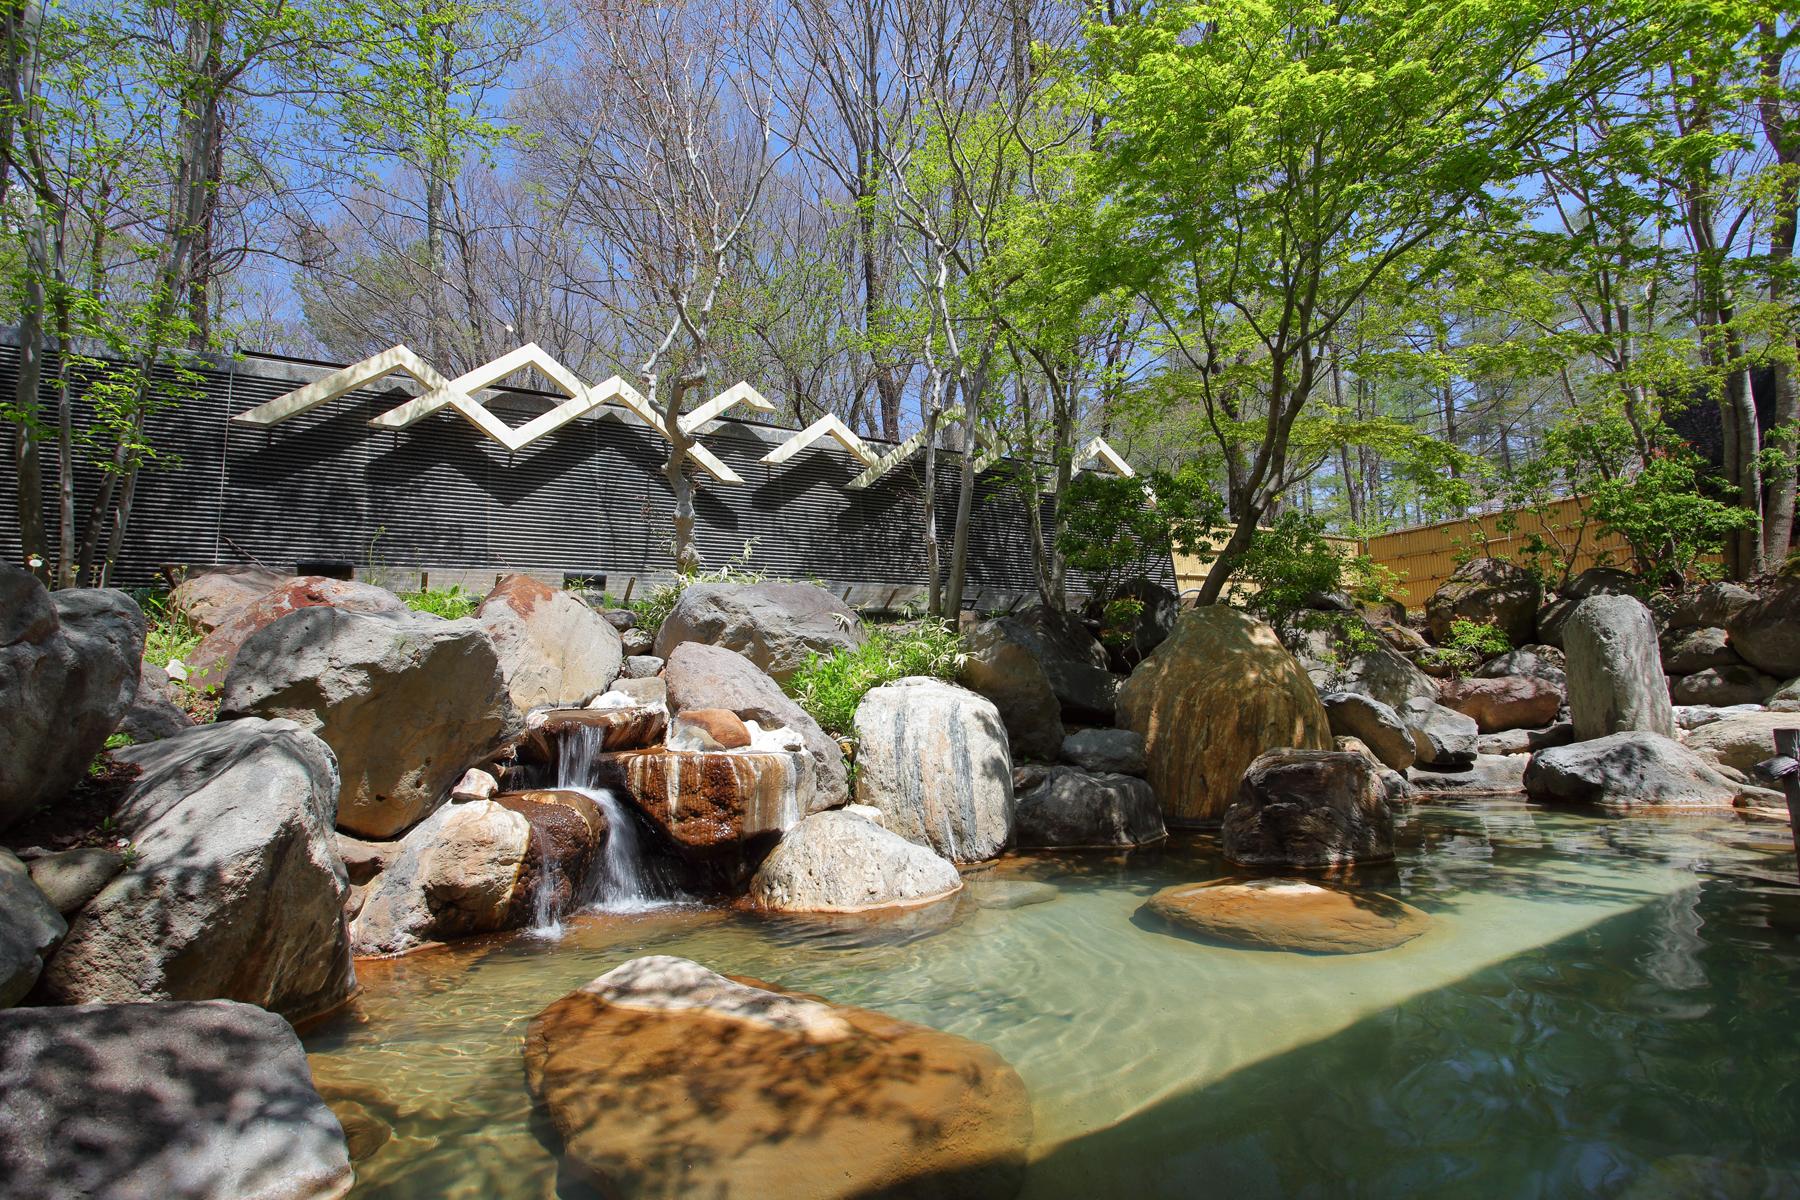 ホテル露天風呂(温泉)